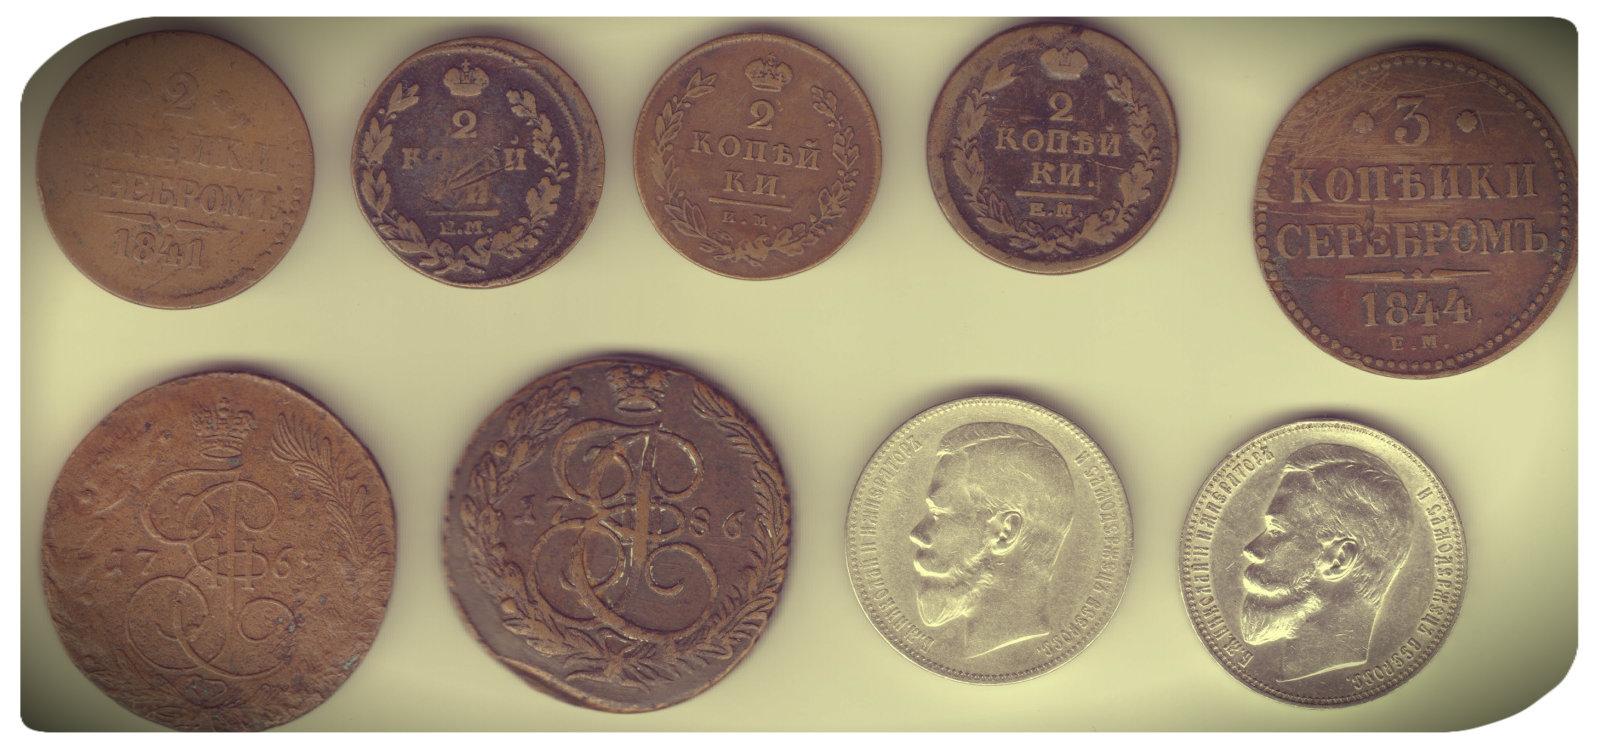 ценные старинные монеты фото выбрать хорошие